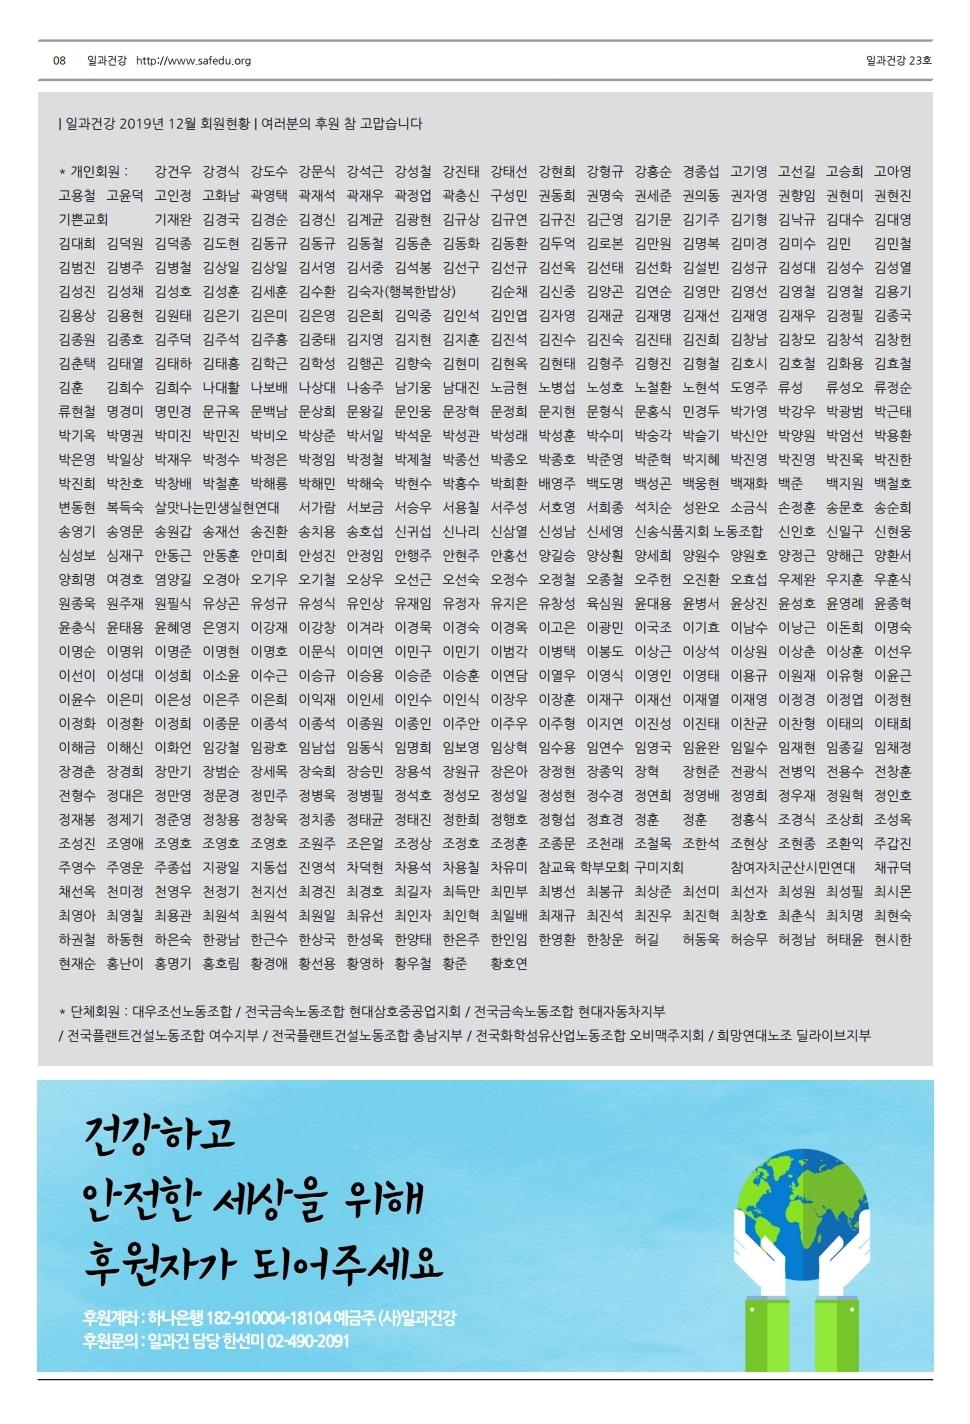 일과건강 소식지 23.pdf_page_8.jpg